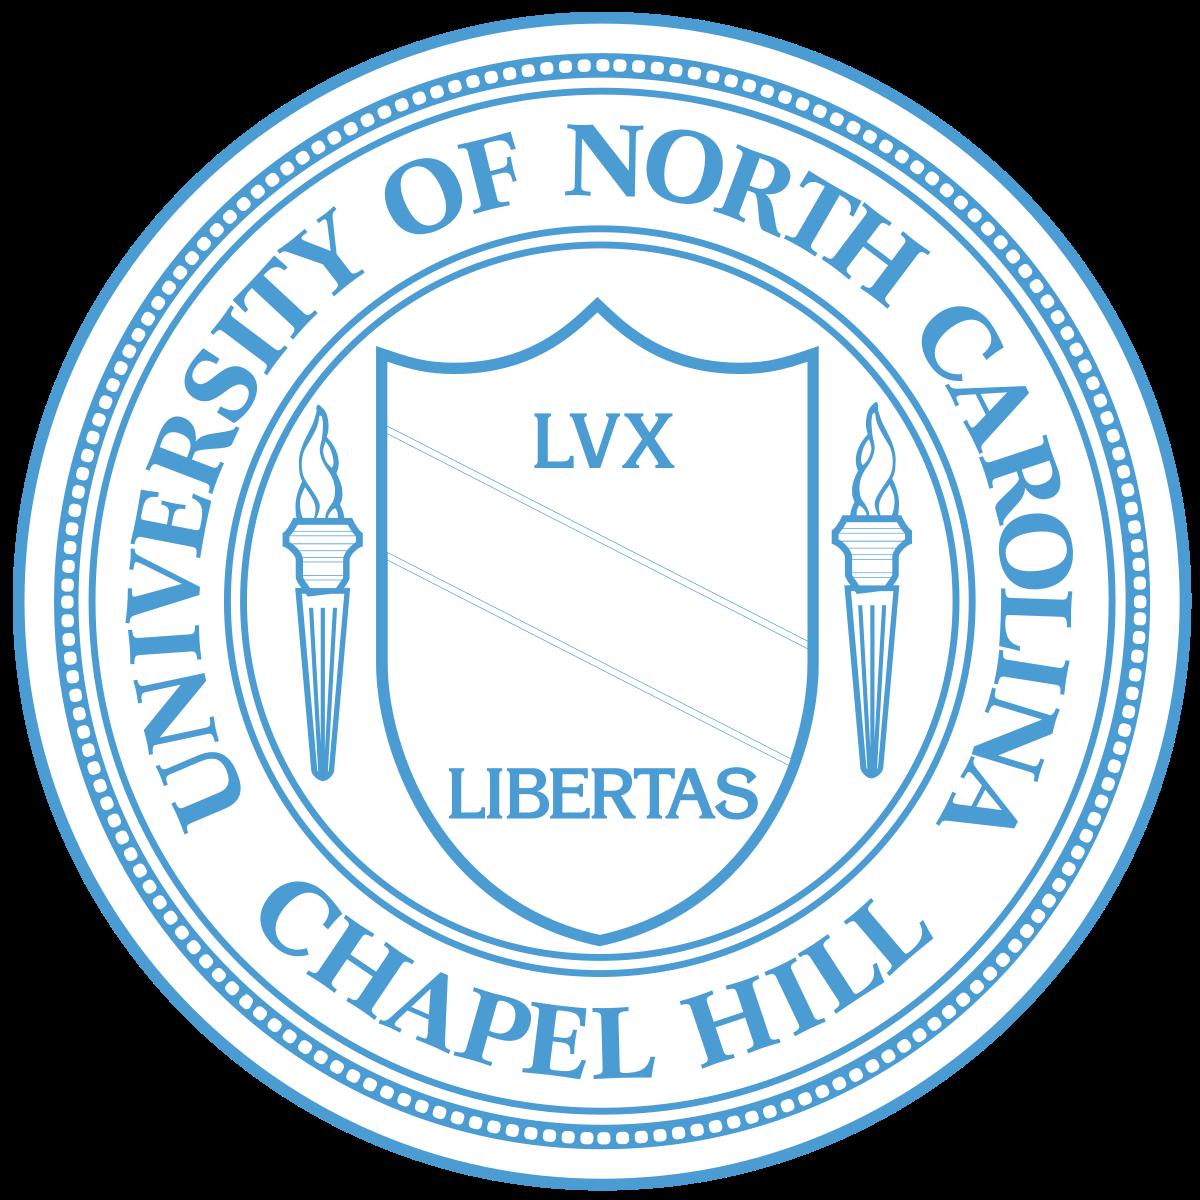 University of North Carolina at Chapel Hill.